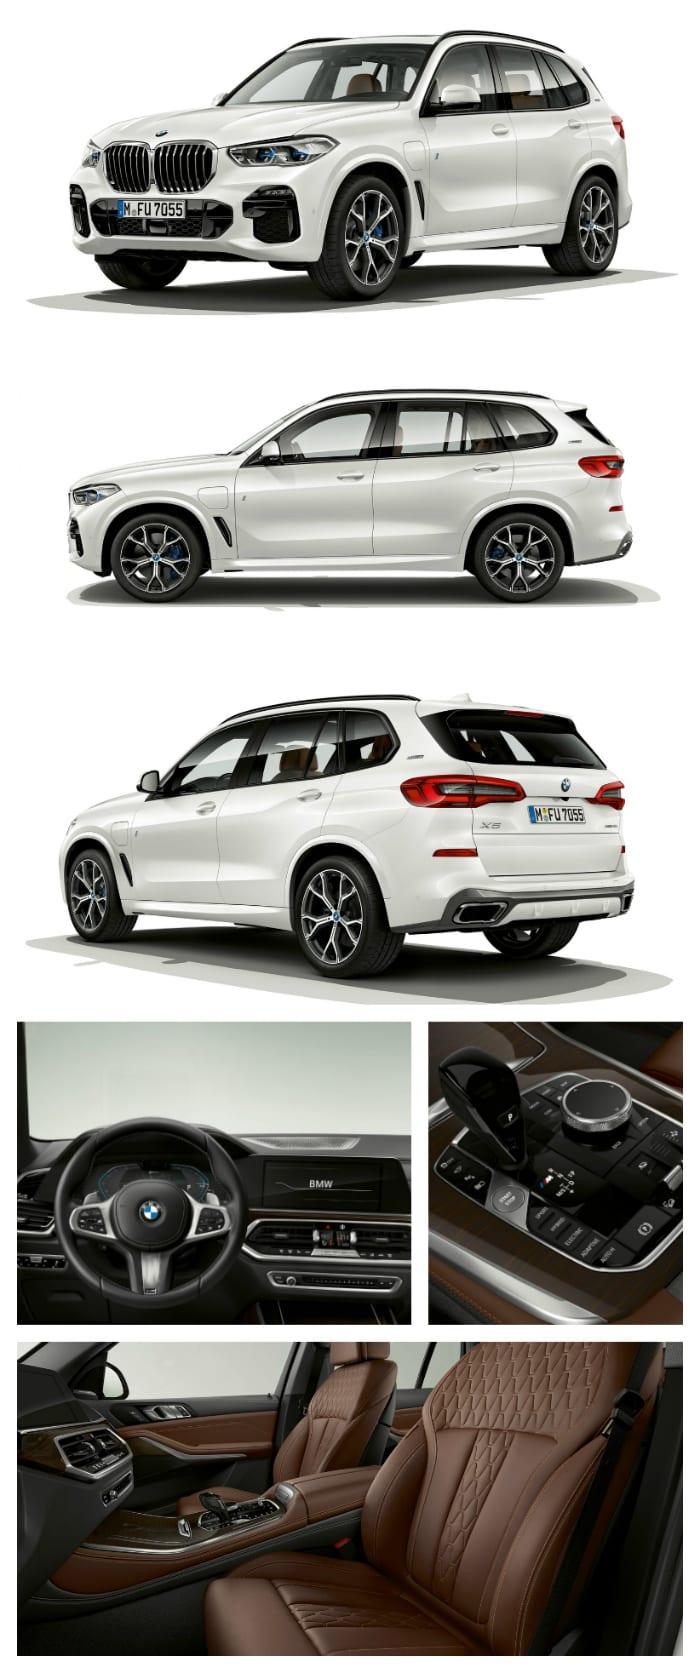 BMW-x5-xdrive